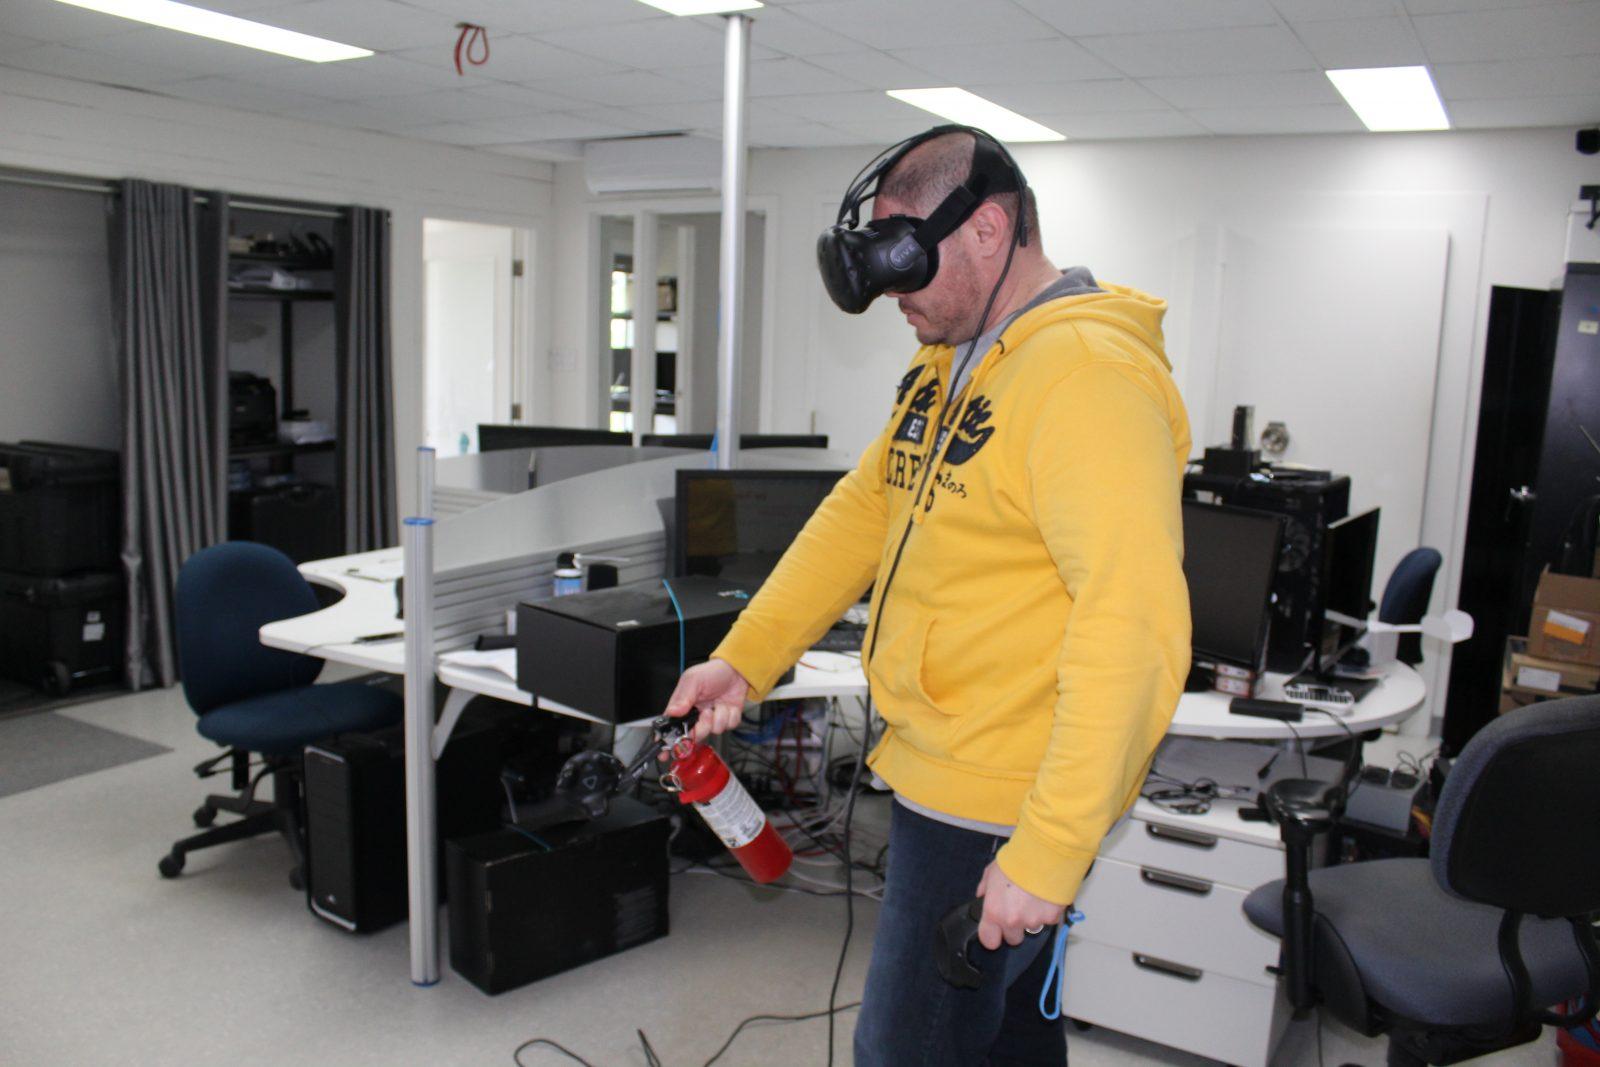 La réalité virtuelle se rapproche de plus en plus de la vraie vie